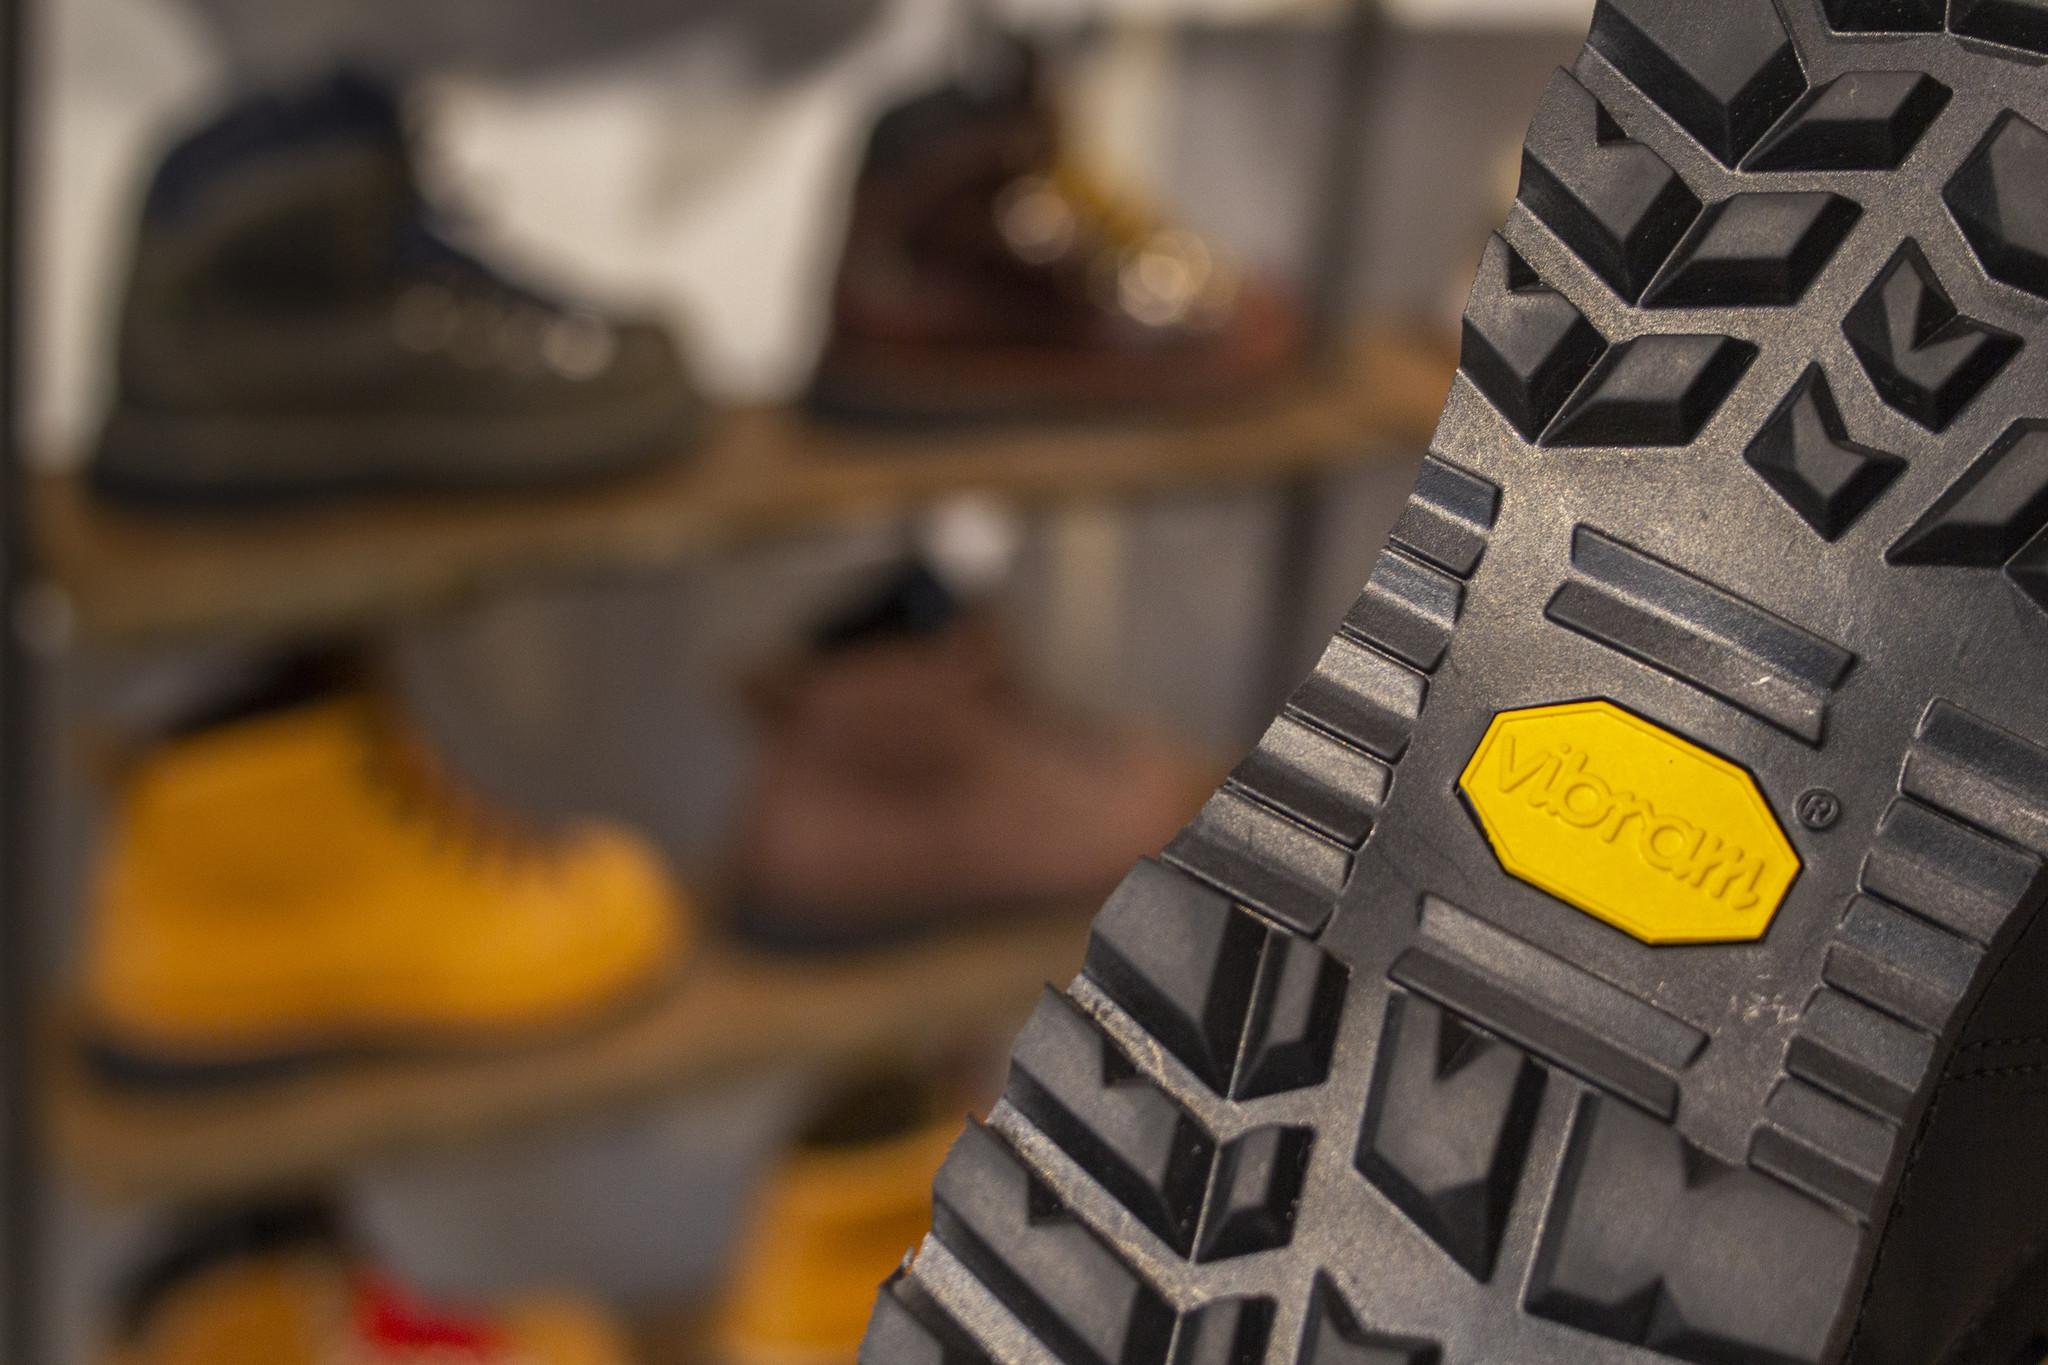 Vibram schoenzool: Ideaal voor de winter